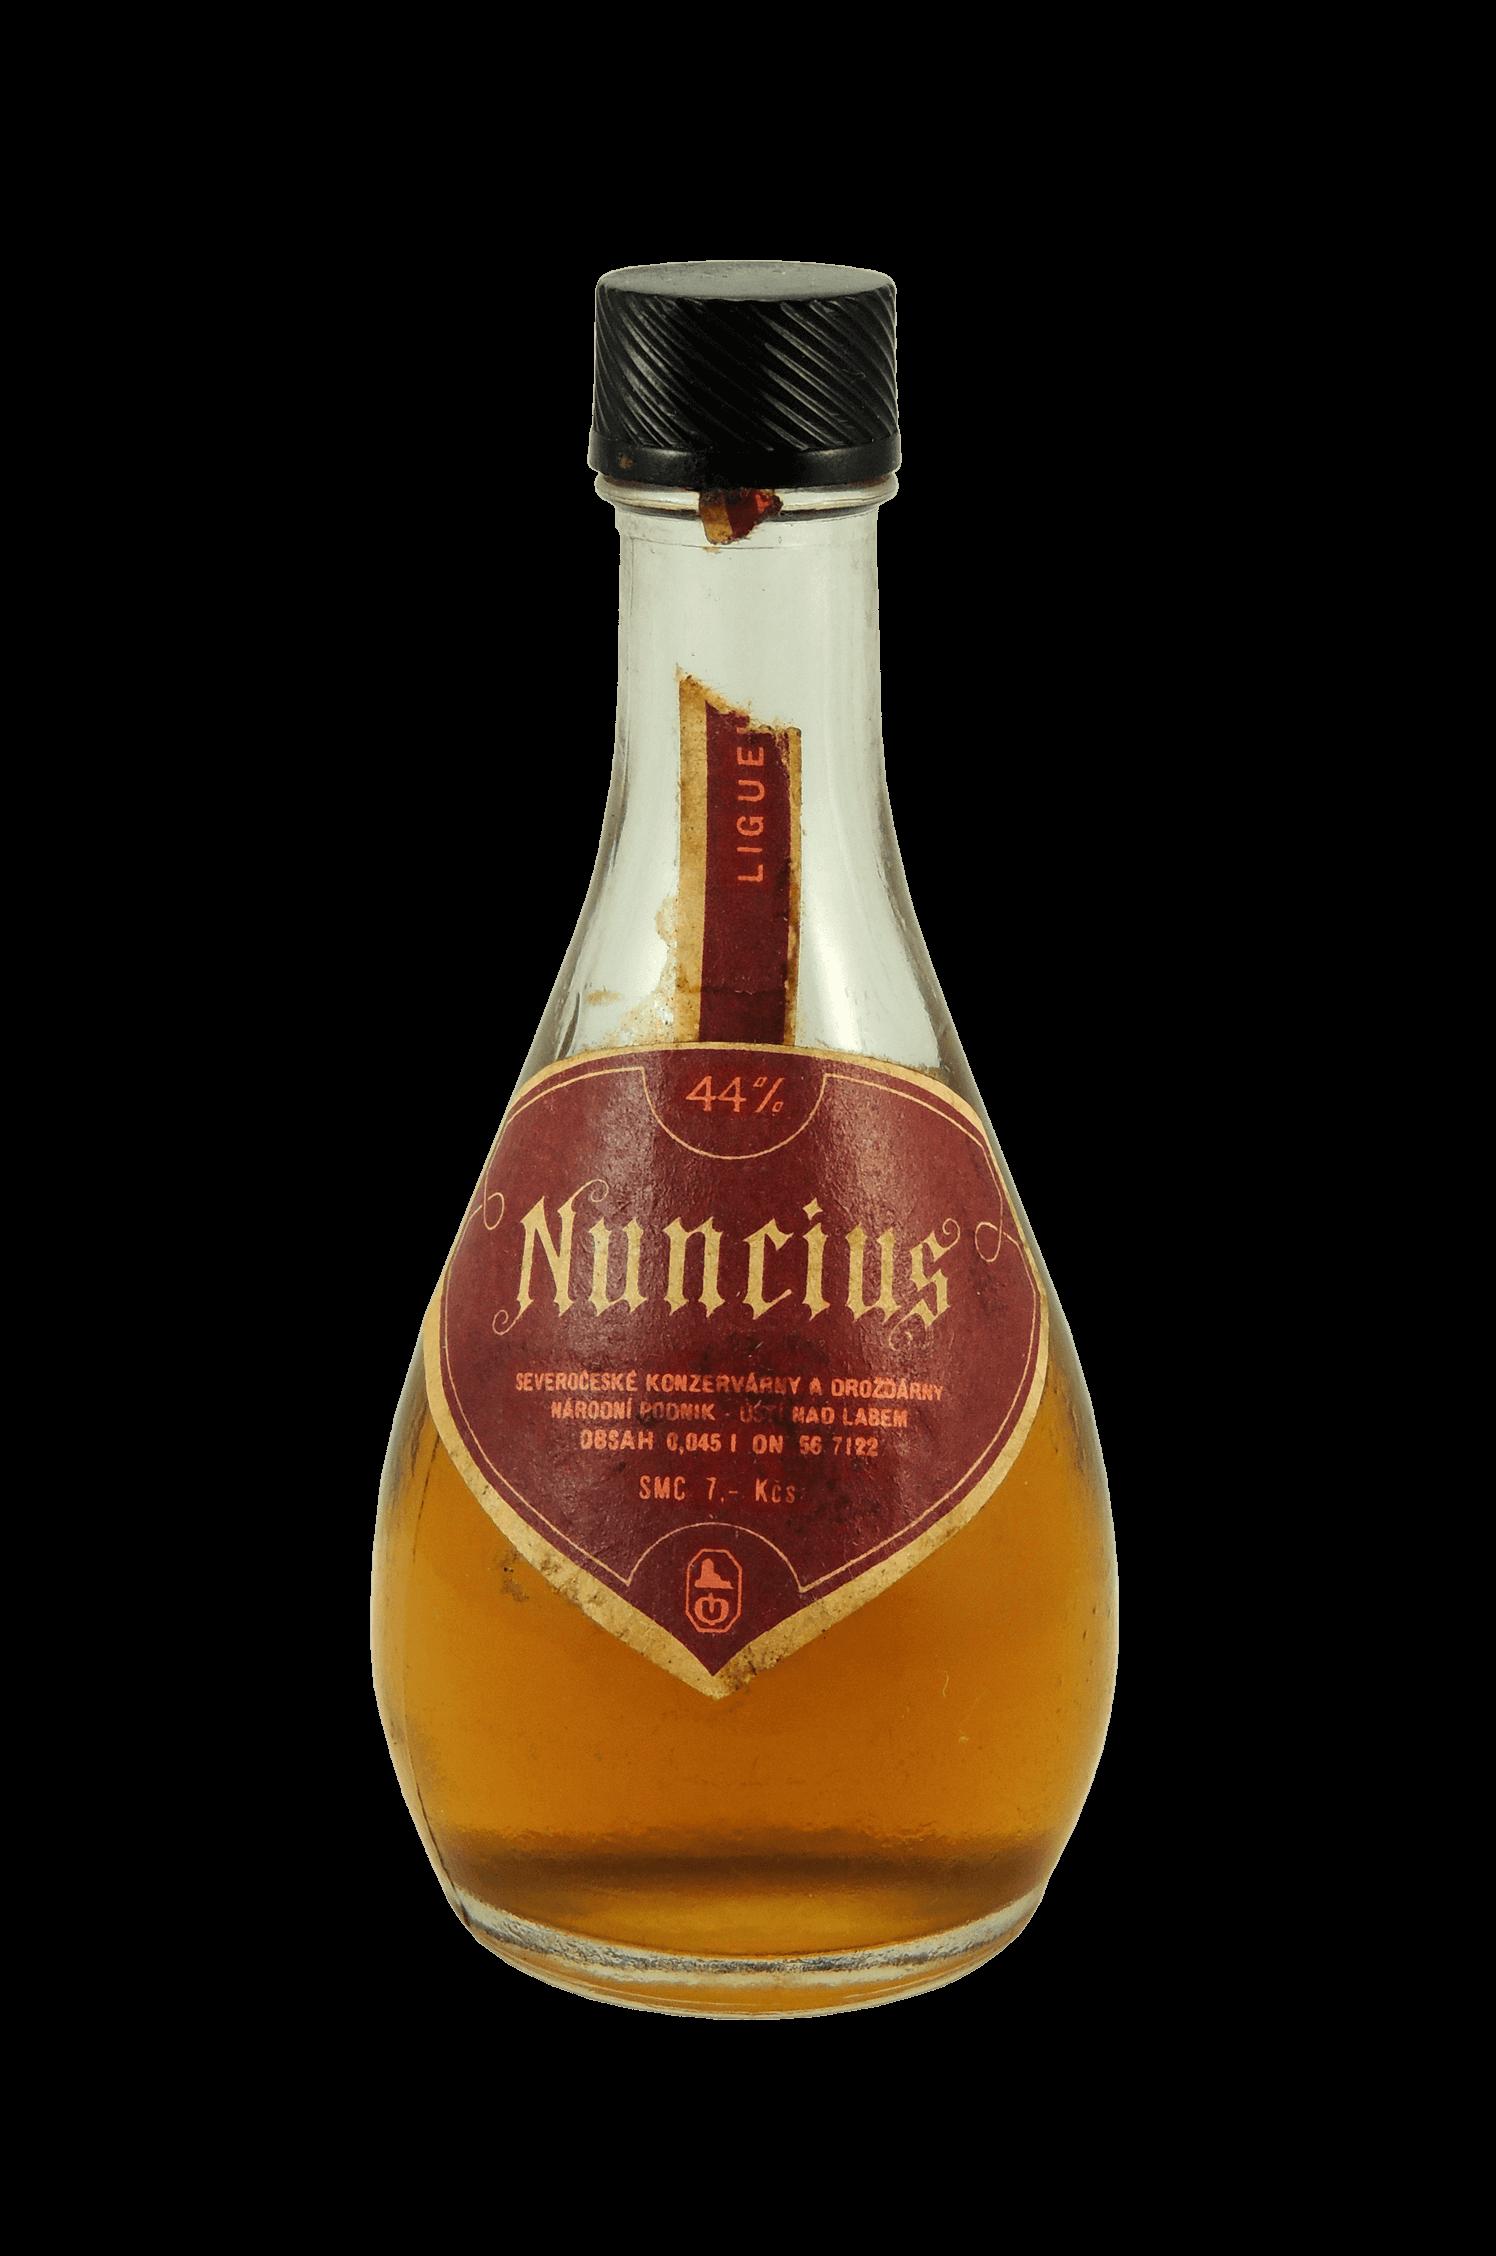 Nuncius